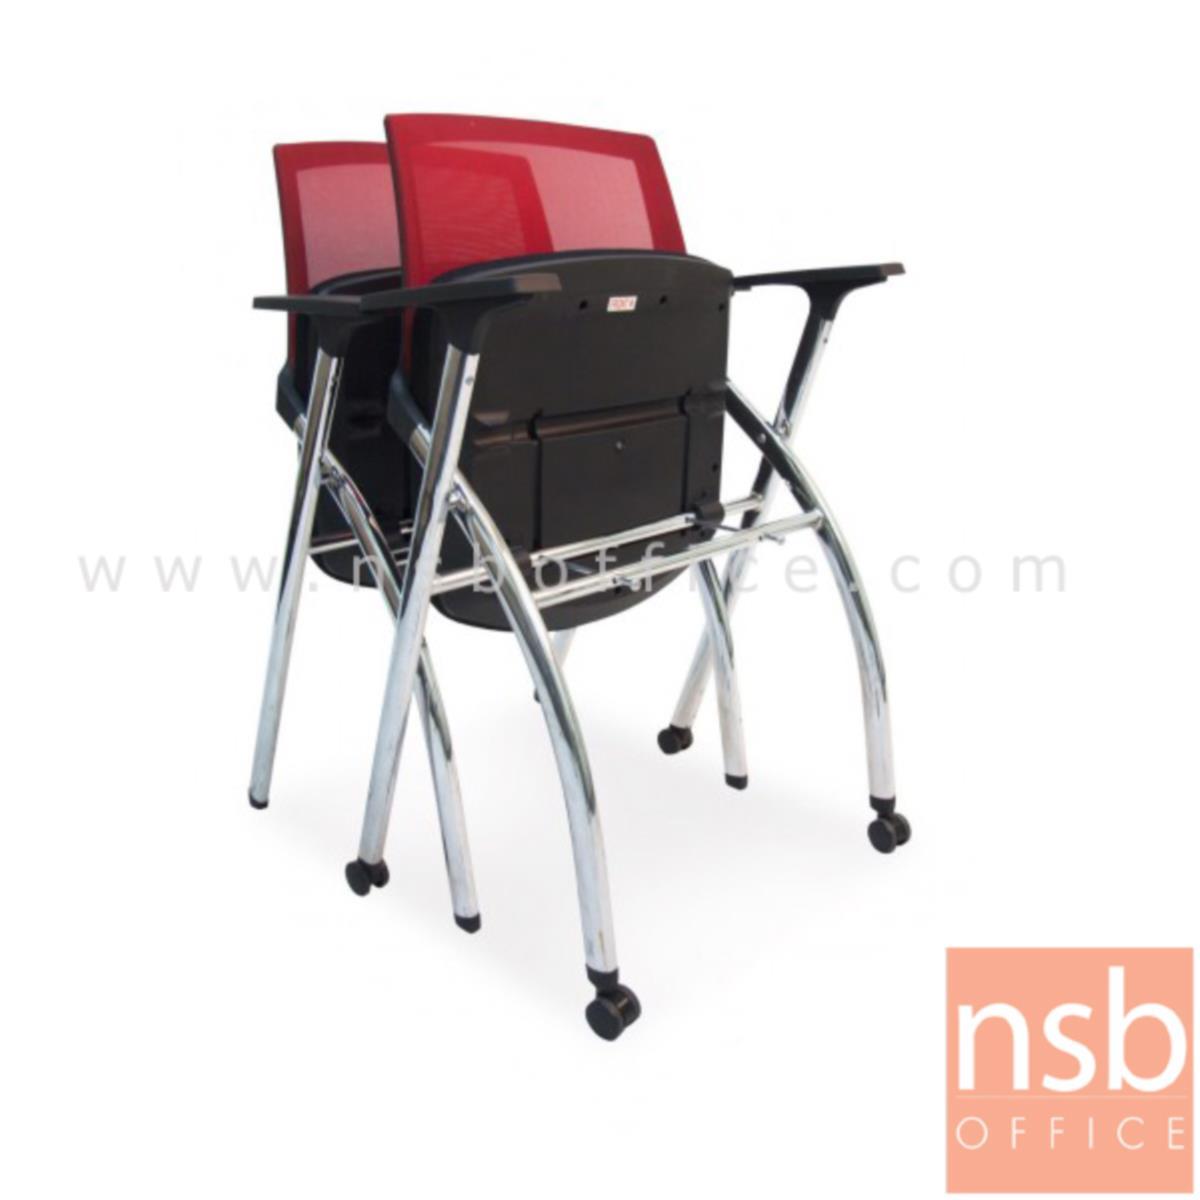 เก้าอี้สำนักงานหลังเน็ต รุ่น Nighstisters  ขาเหล็กชุบโครเมี่ยม